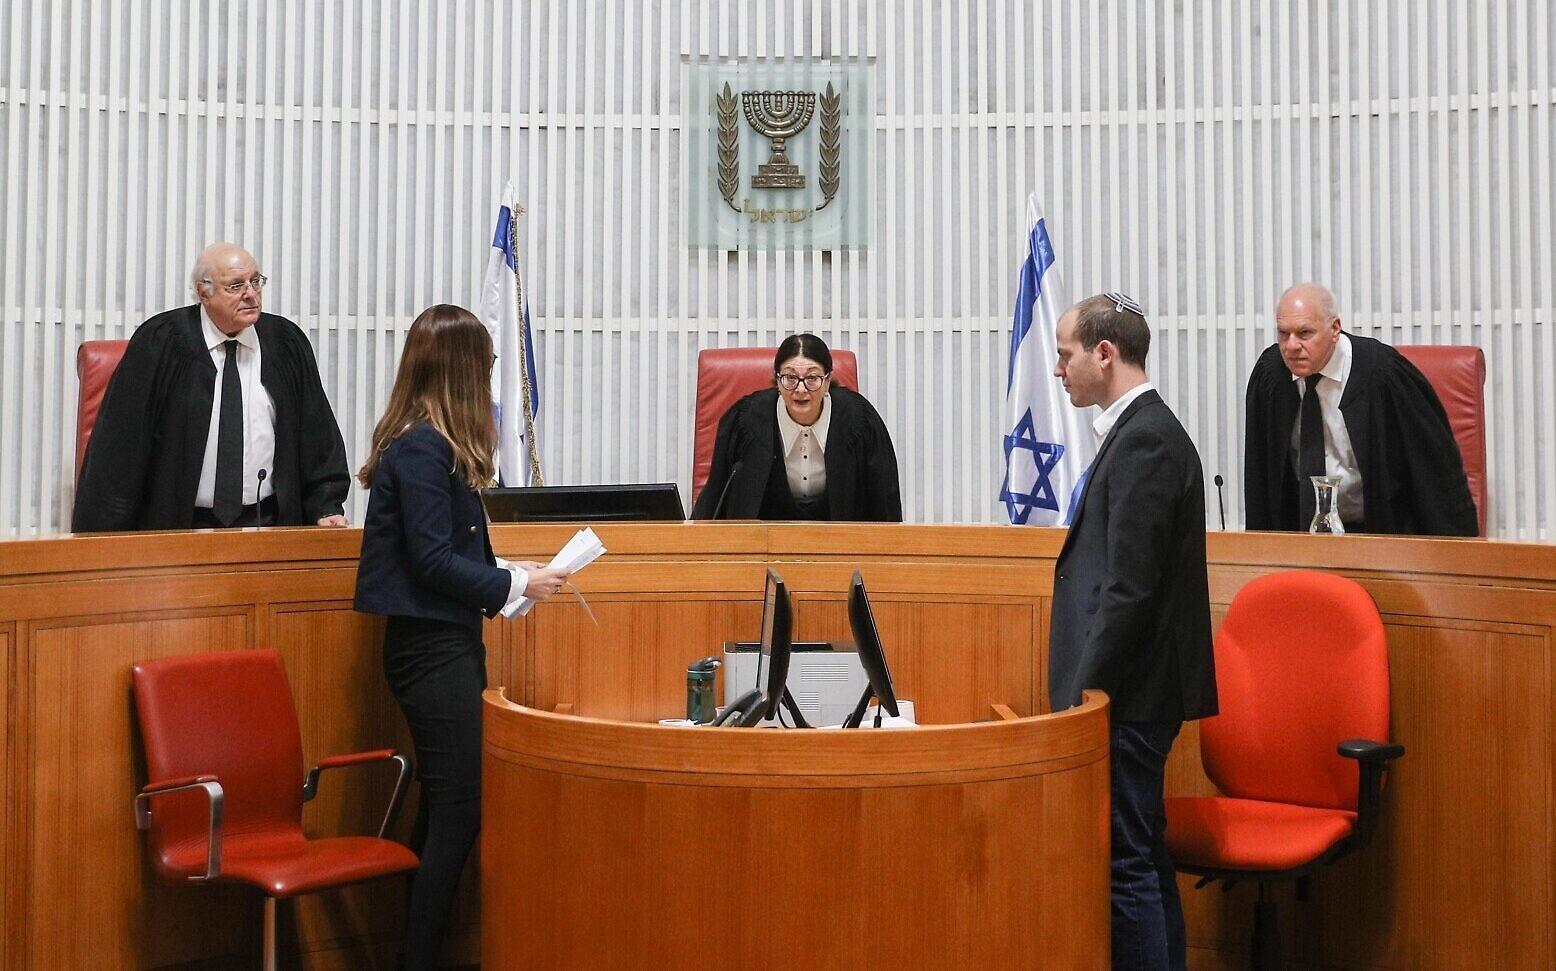 Netanjahu kormányalakítási jogkörének megvonásáról indult tárgyalás Izraelben